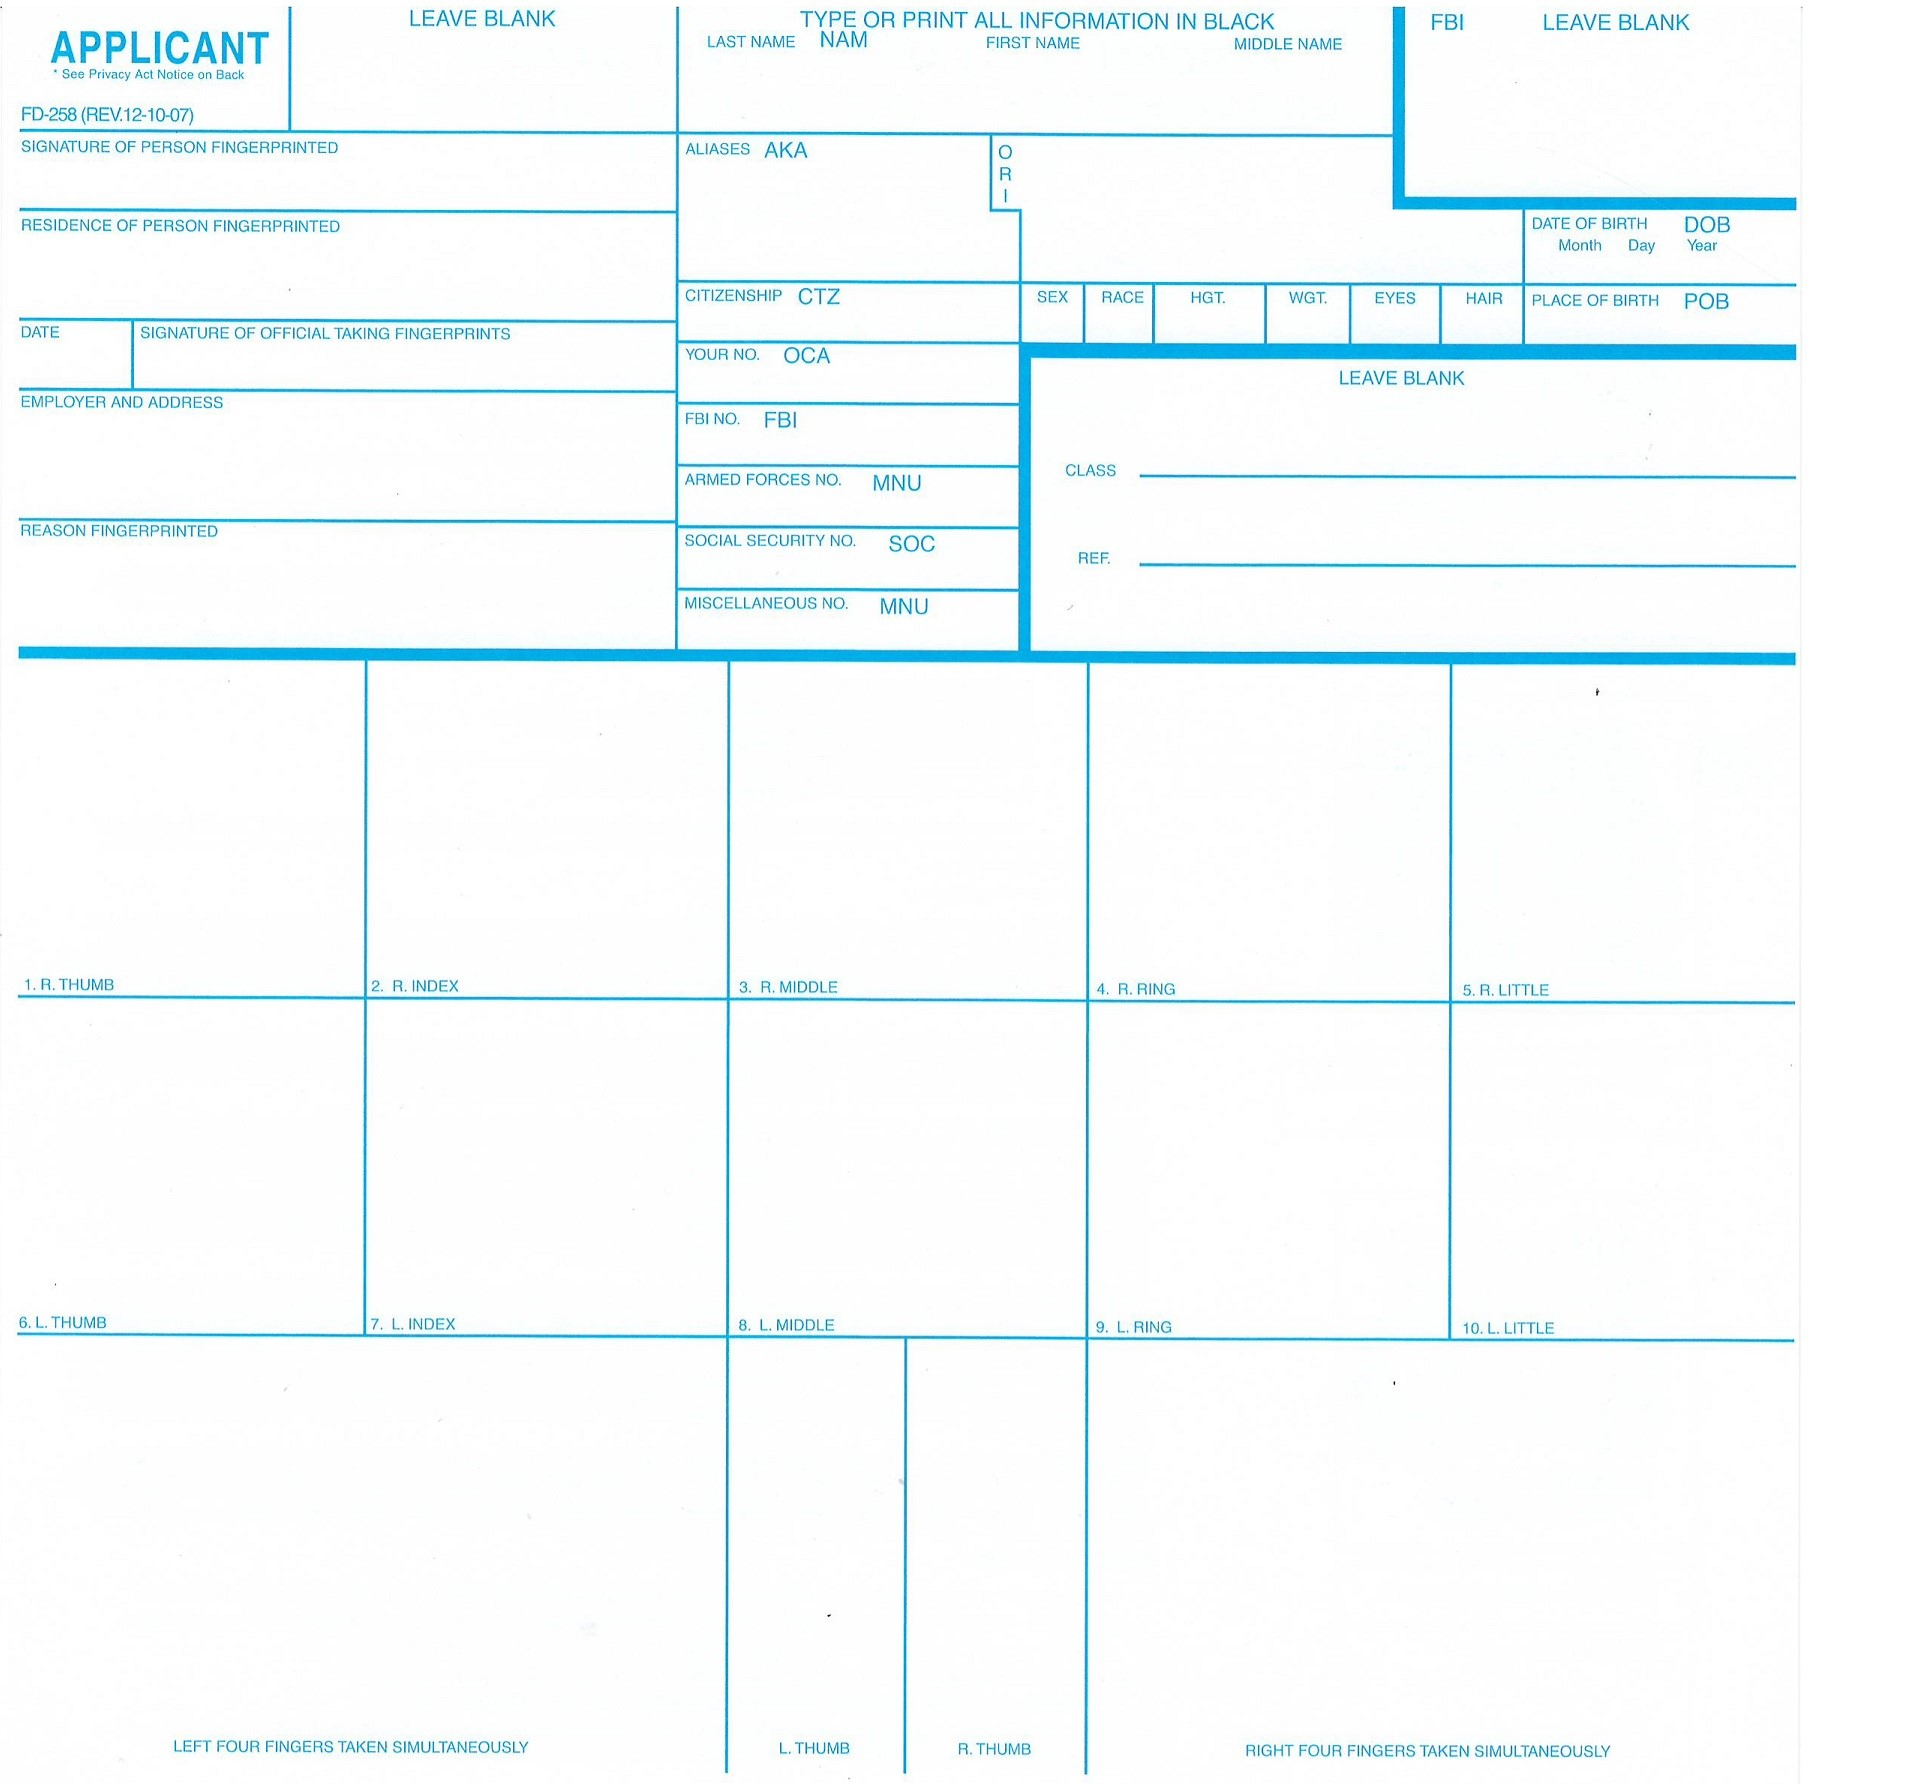 Standard Fingerprint Form Fd 258 1